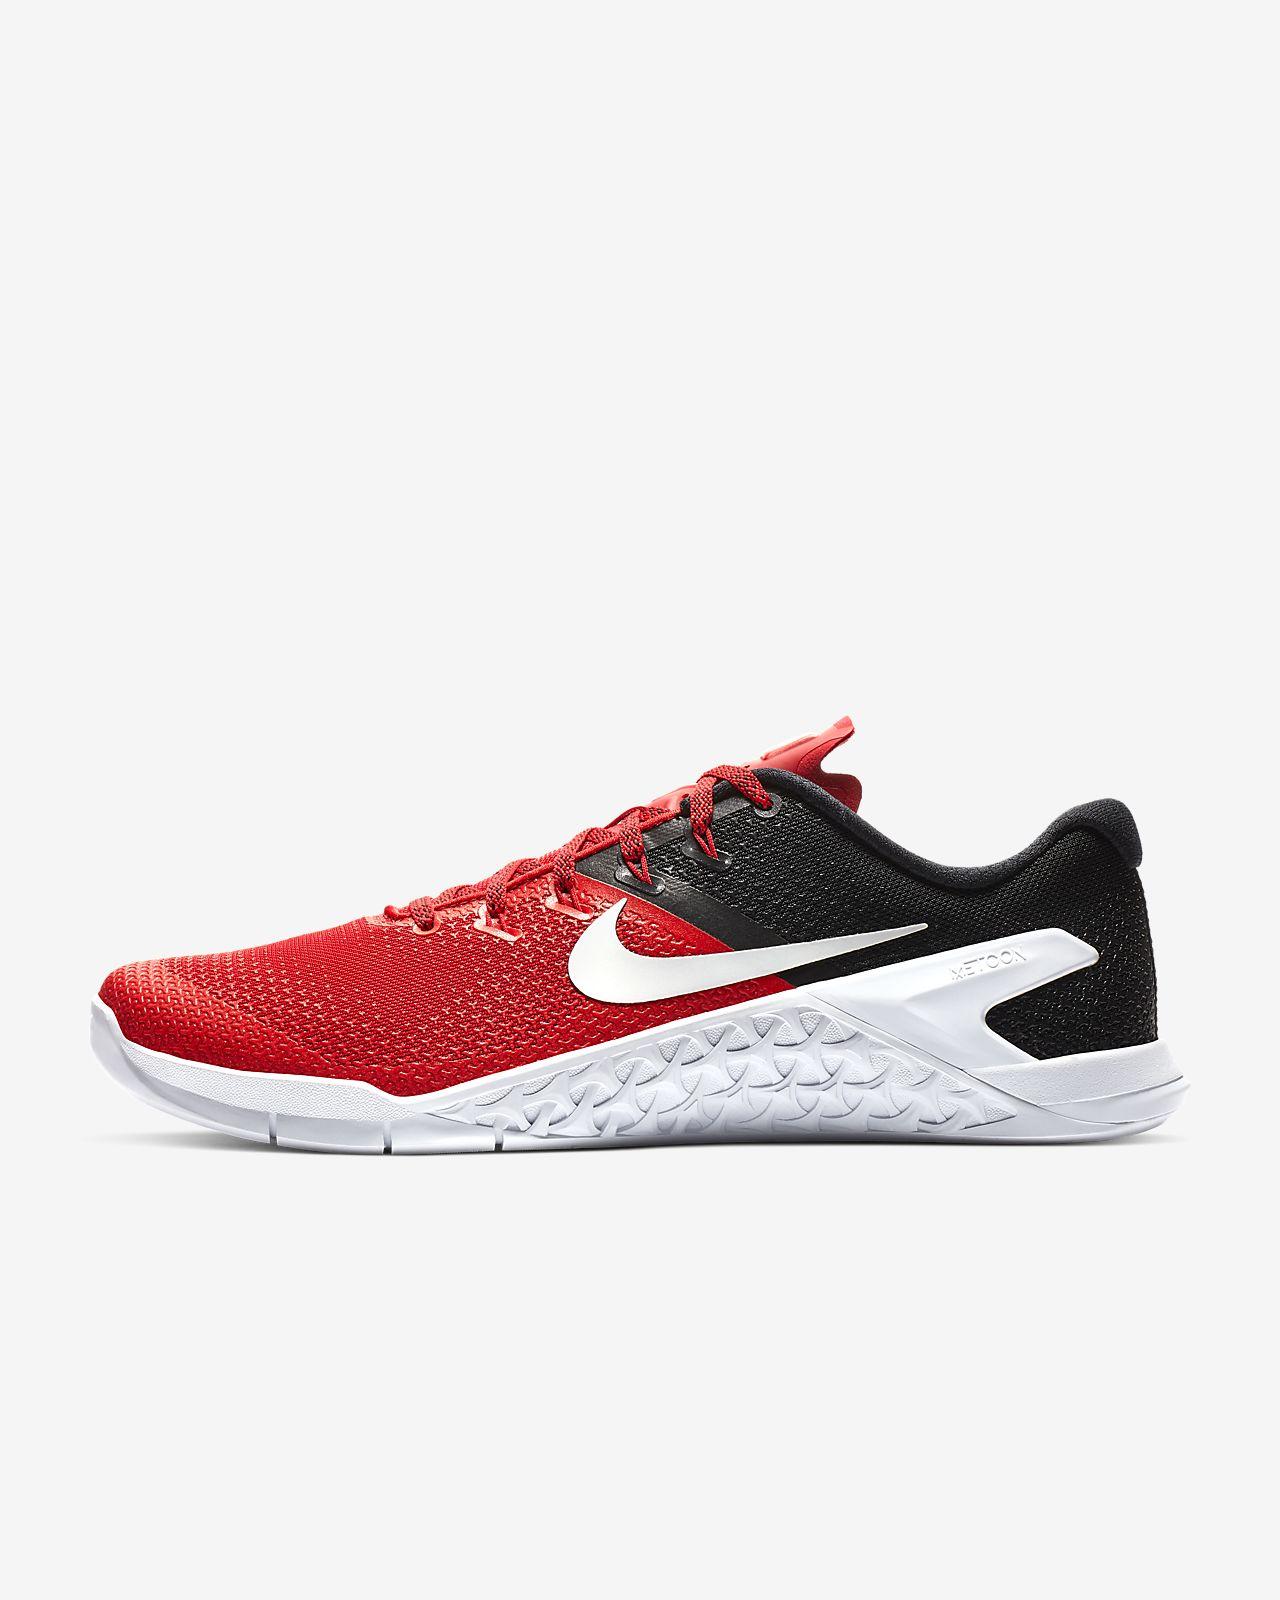 9449d7fda21 ... Nike Metcon 4 Zapatillas de entrenamiento y levantamiento de pesas -  Hombre